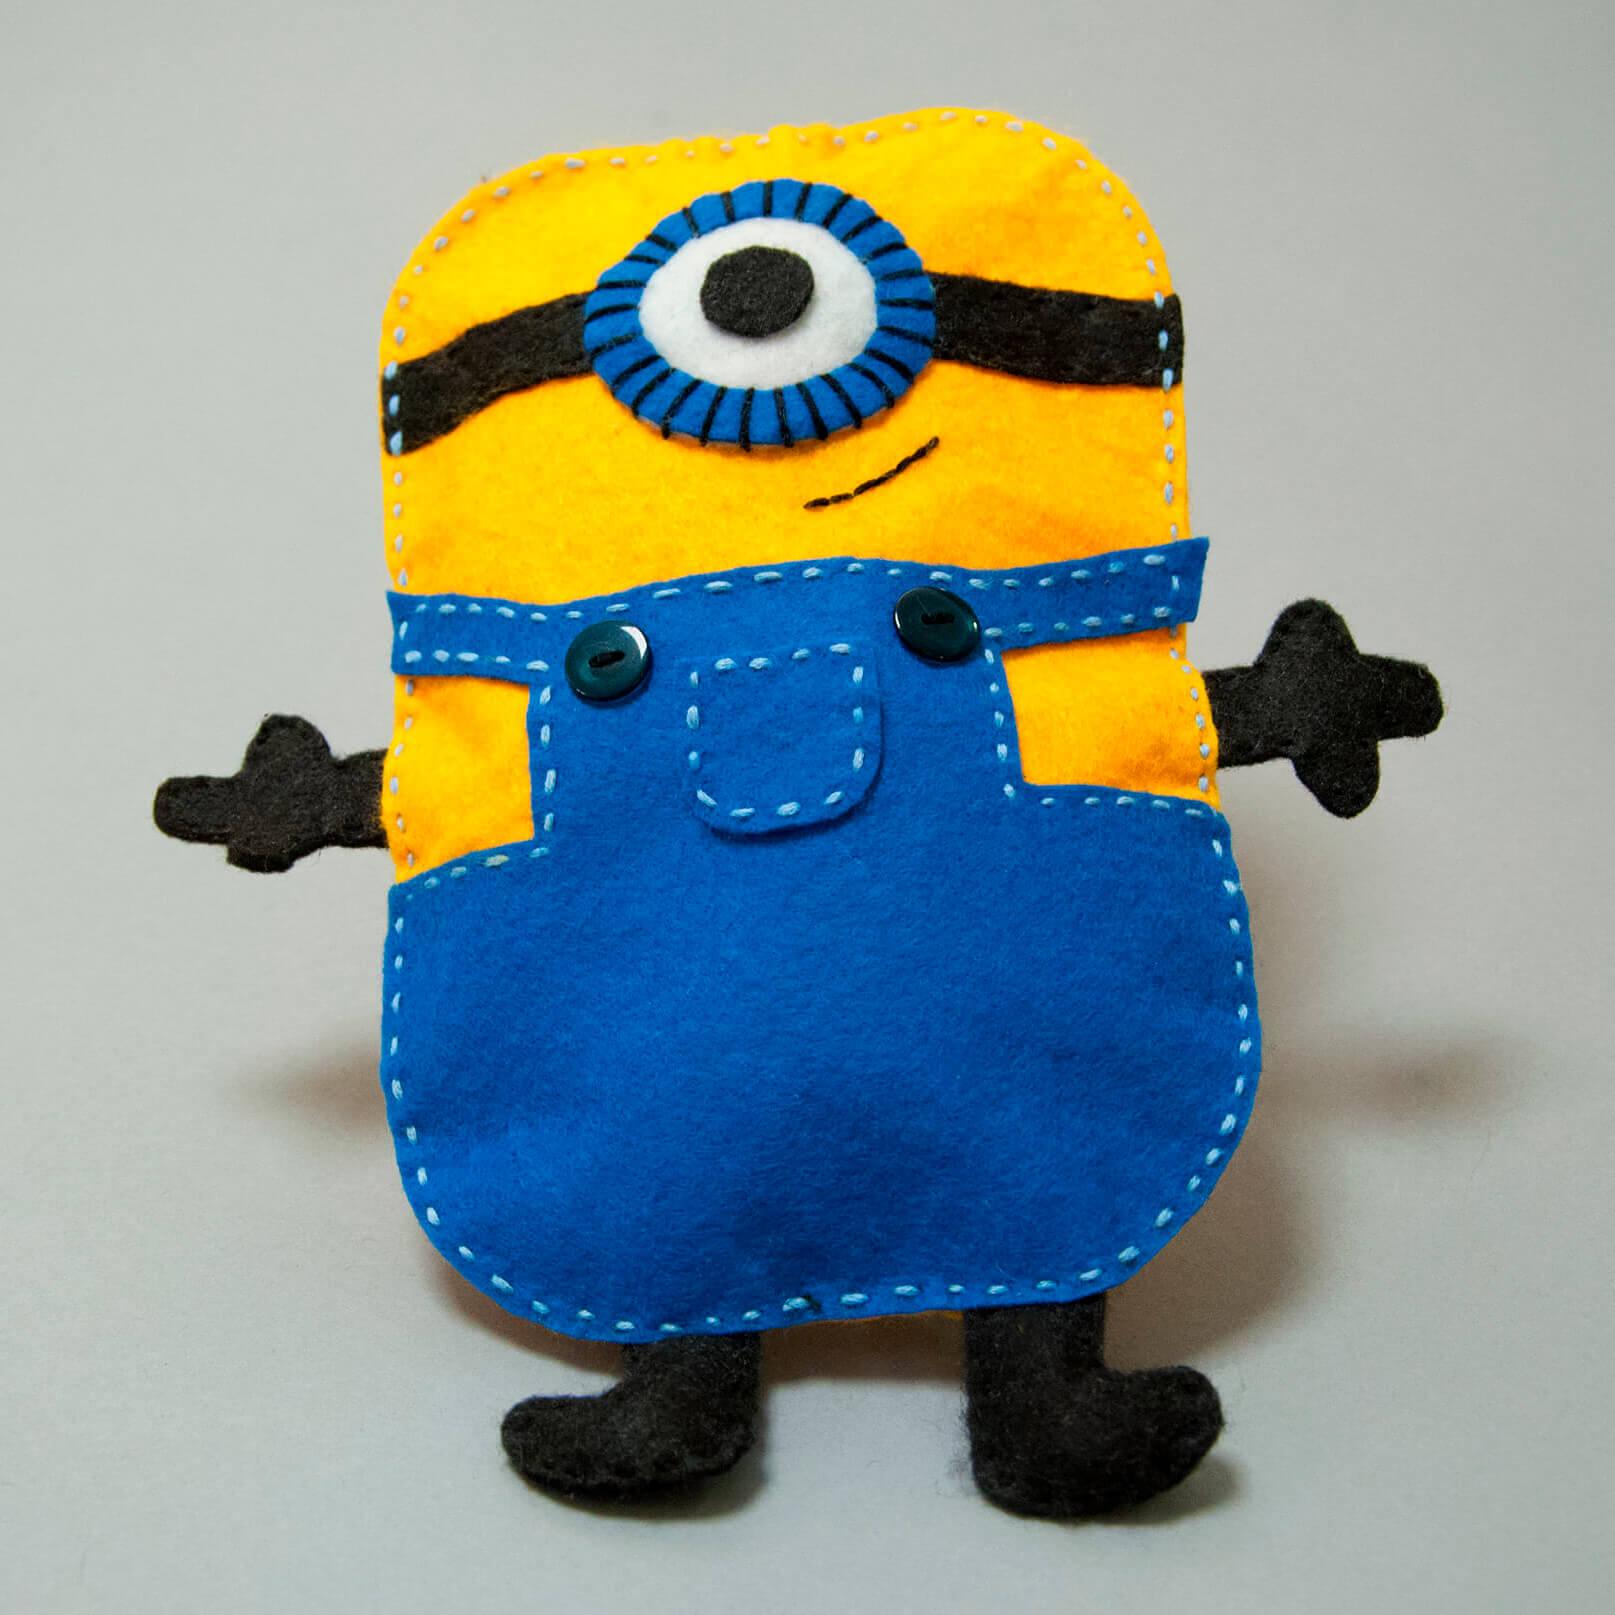 Minions naaien van vilt. Leuk knutselen voor kinderen.